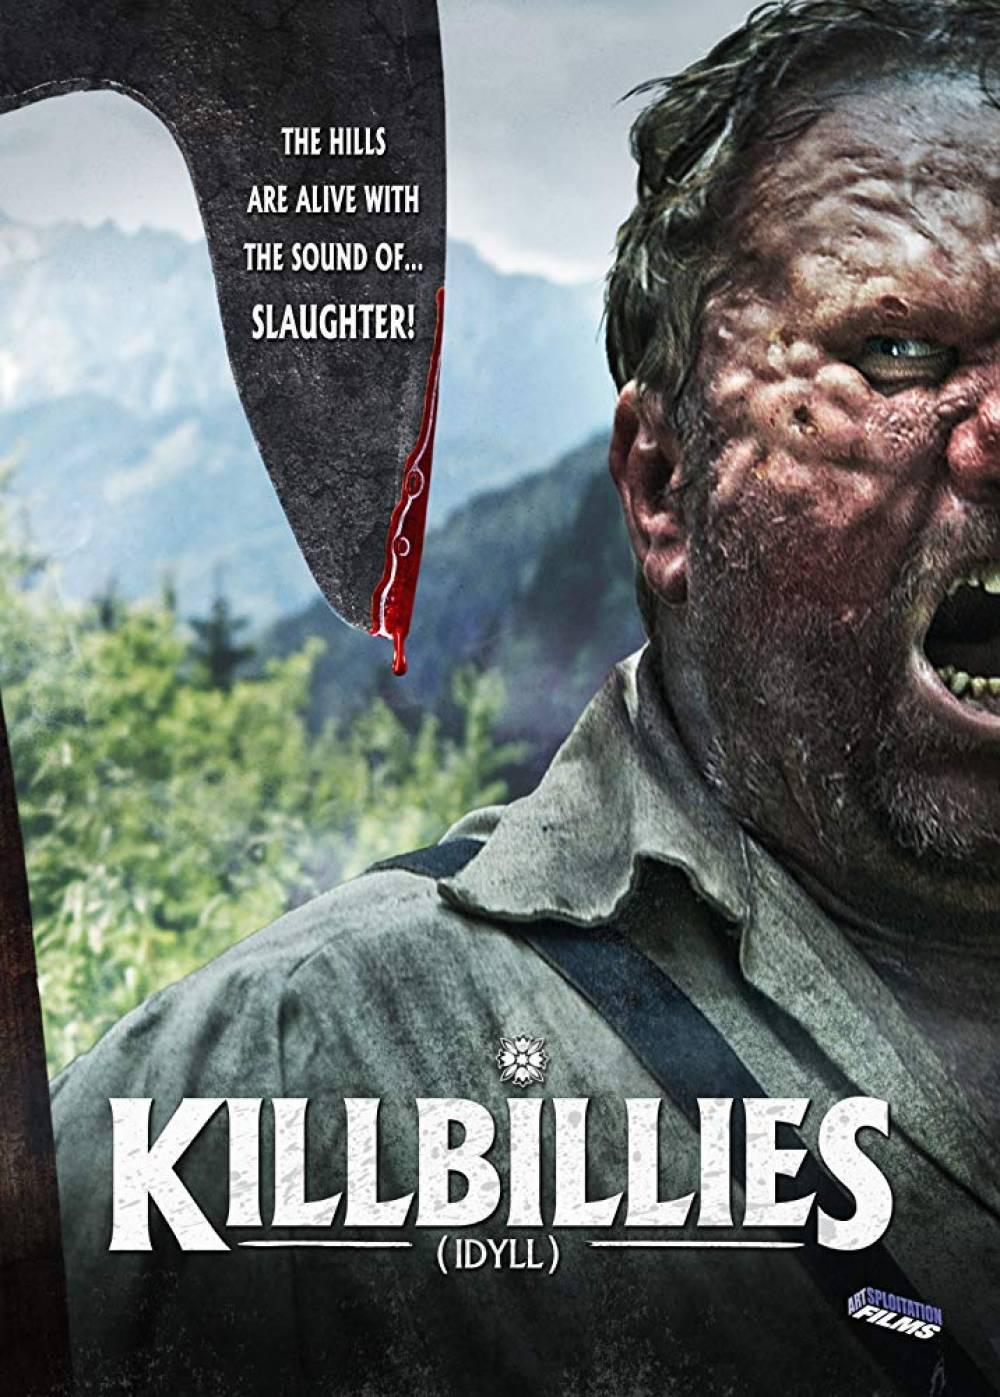 Killbillies (aka: Idyll)